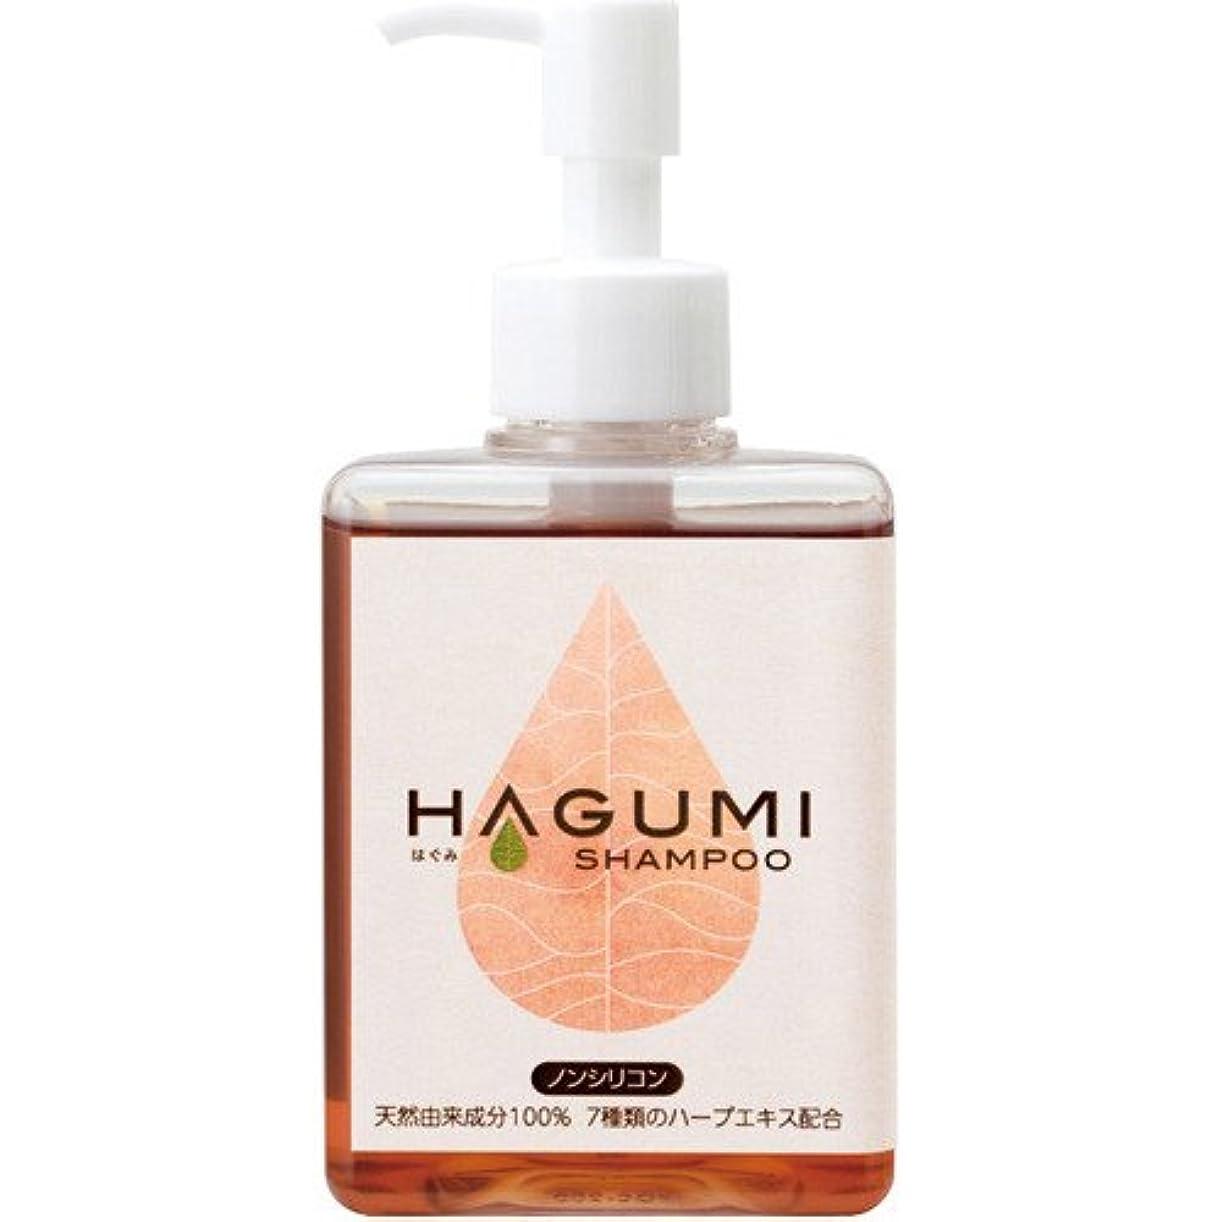 サバント修羅場知恵HAGUMI(ハグミ) シャンプー 200ml